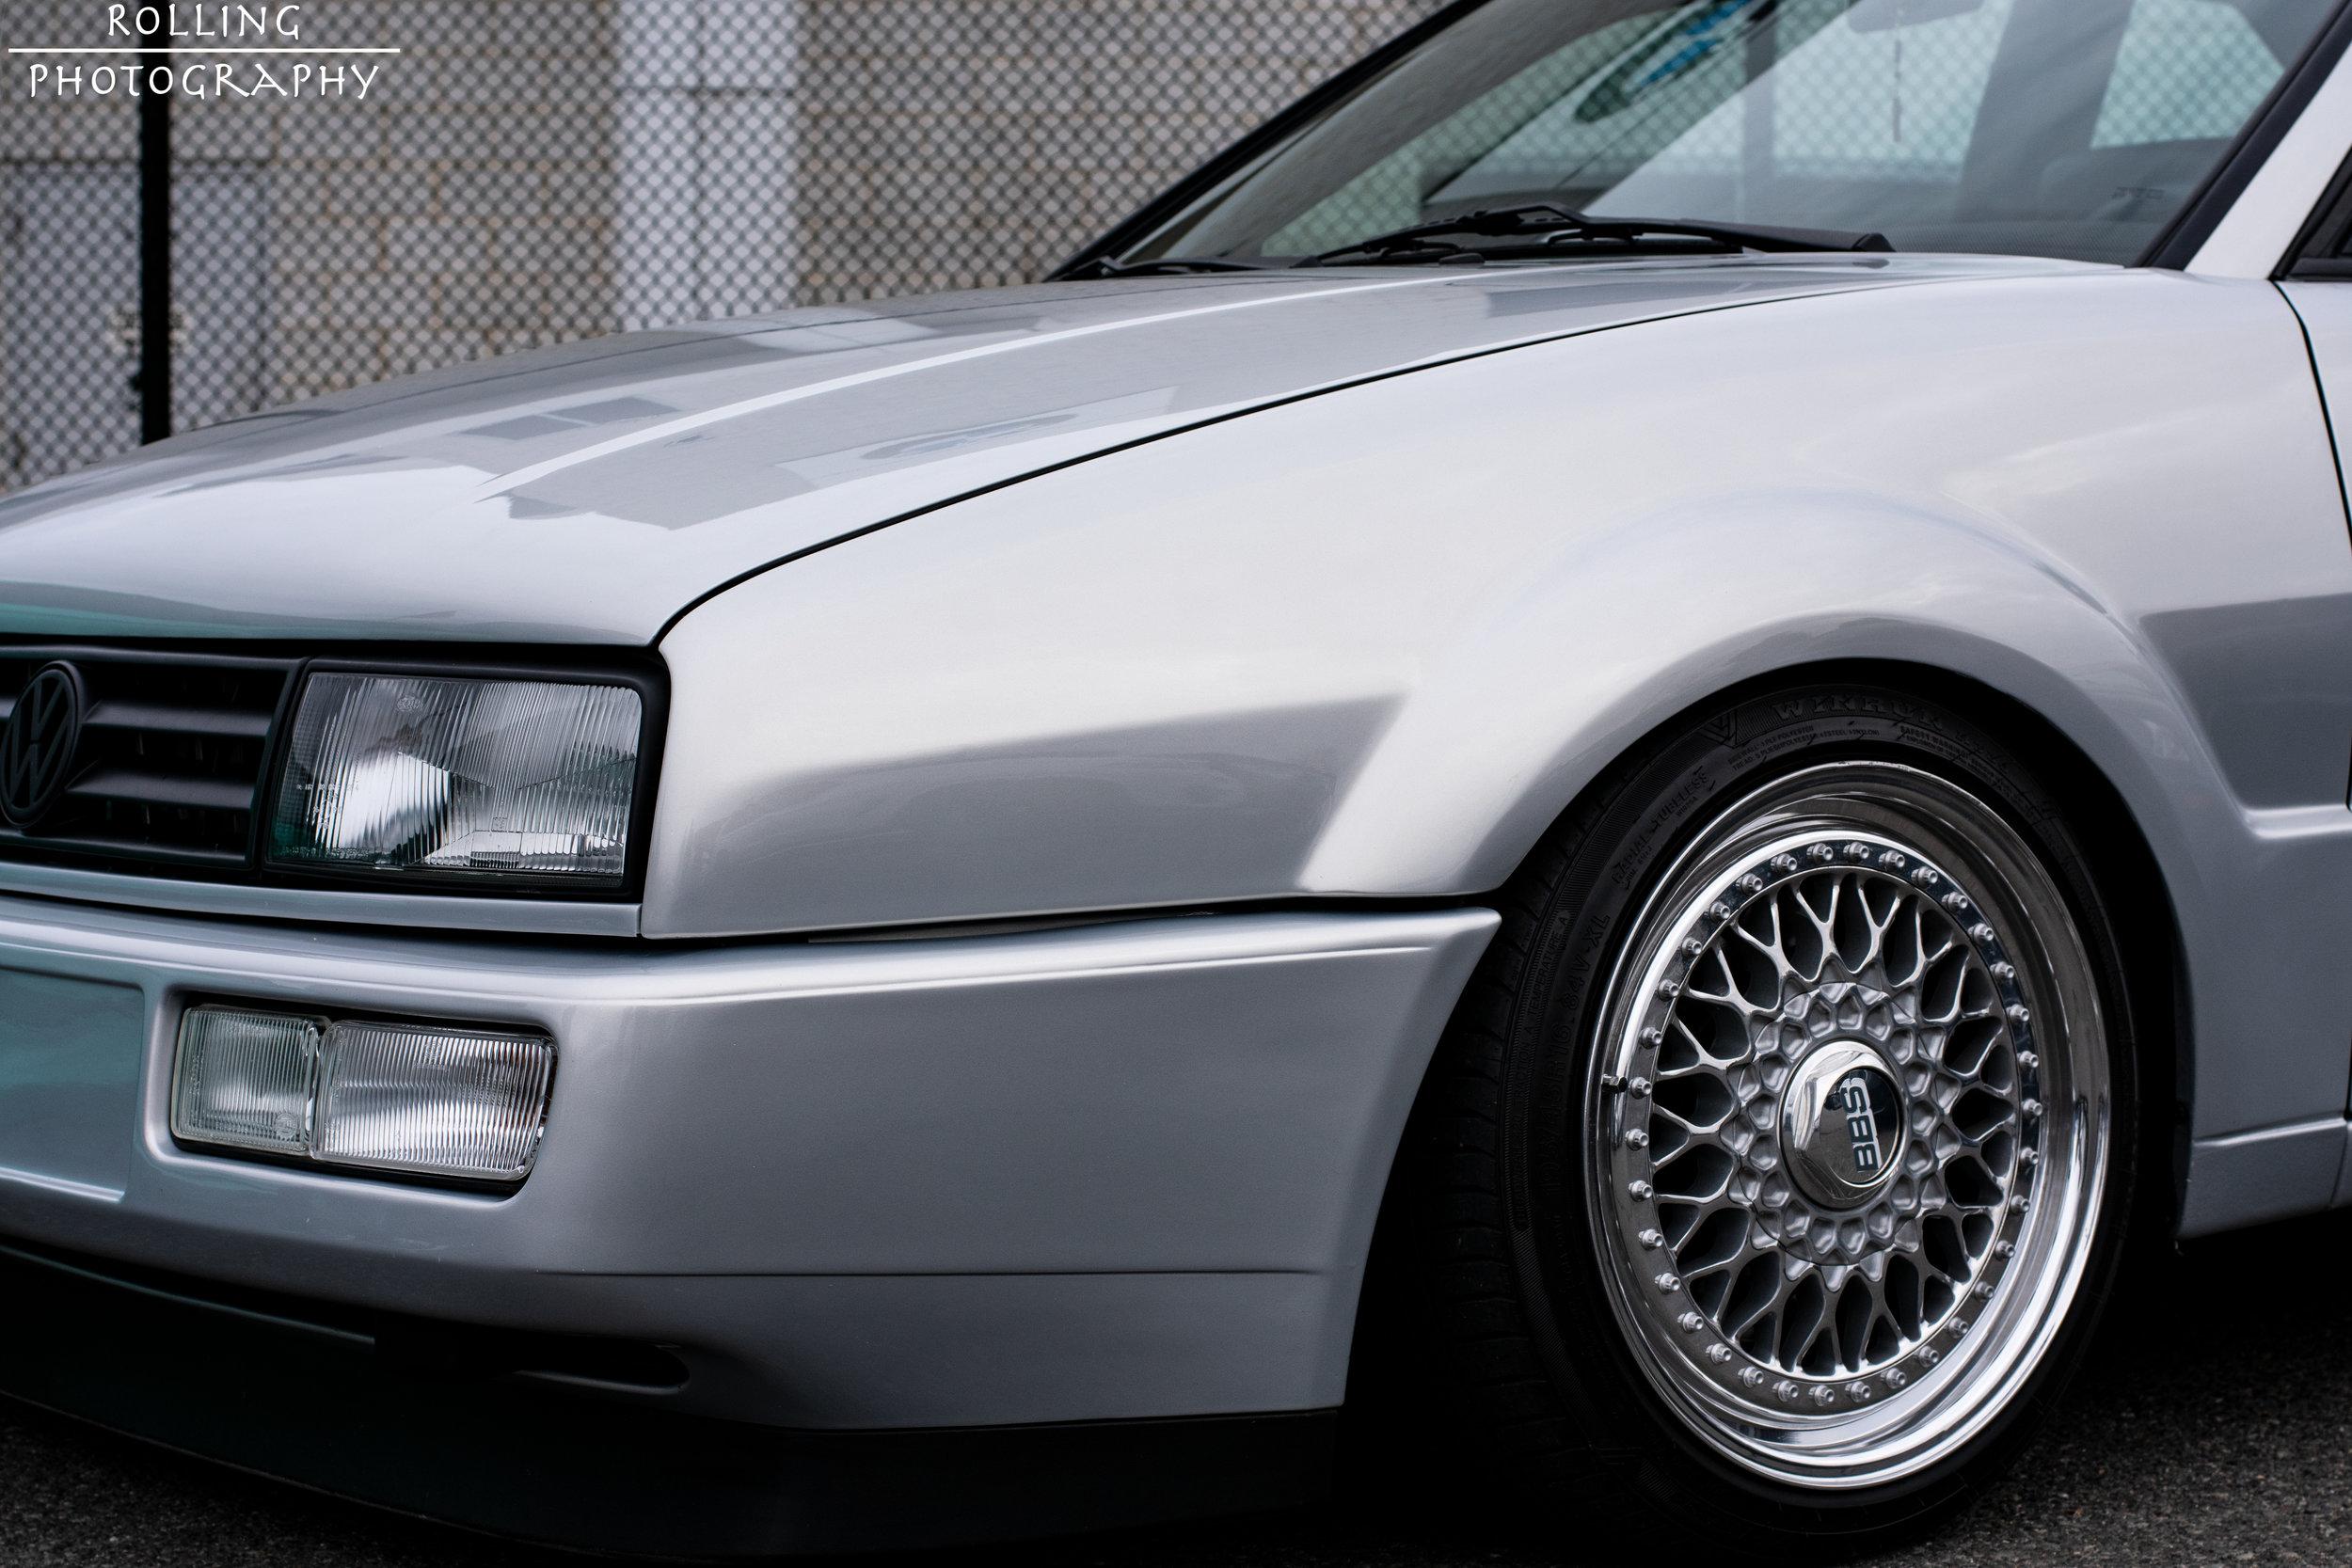 Volkswagen Corrado  @slccorrado   ISO 200, 50mm, f / 8.0 Shutter Speed 1/320